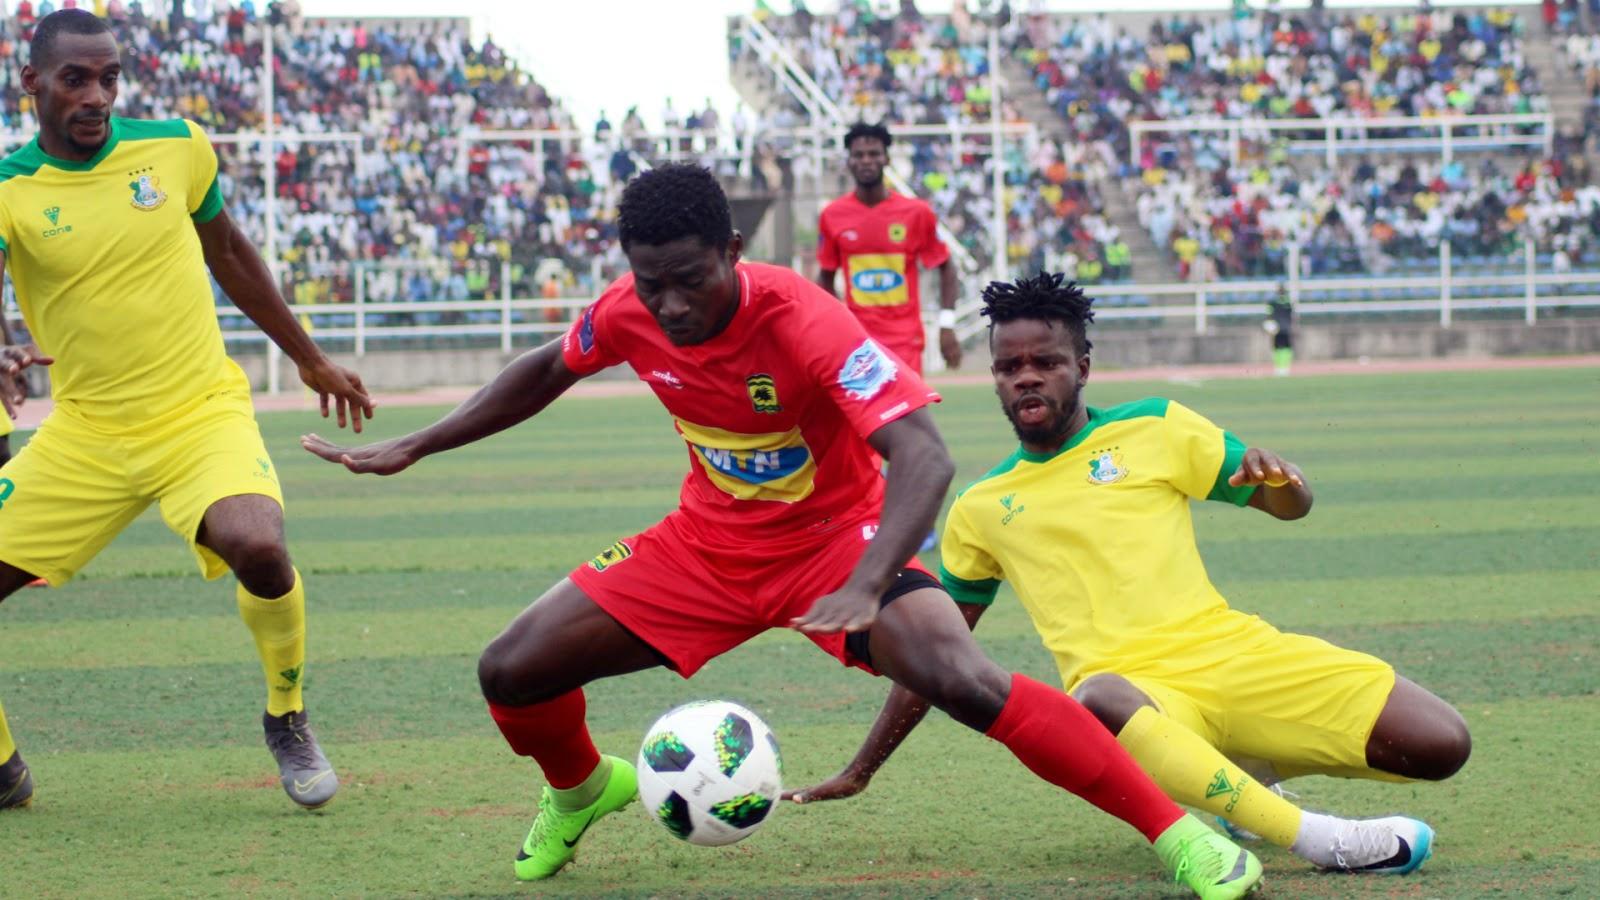 مشاهدة مباراة النجم الساحلي واشانتي بث مباشر اليوم 29-9-2019 في دوري أبطال إفريقيا